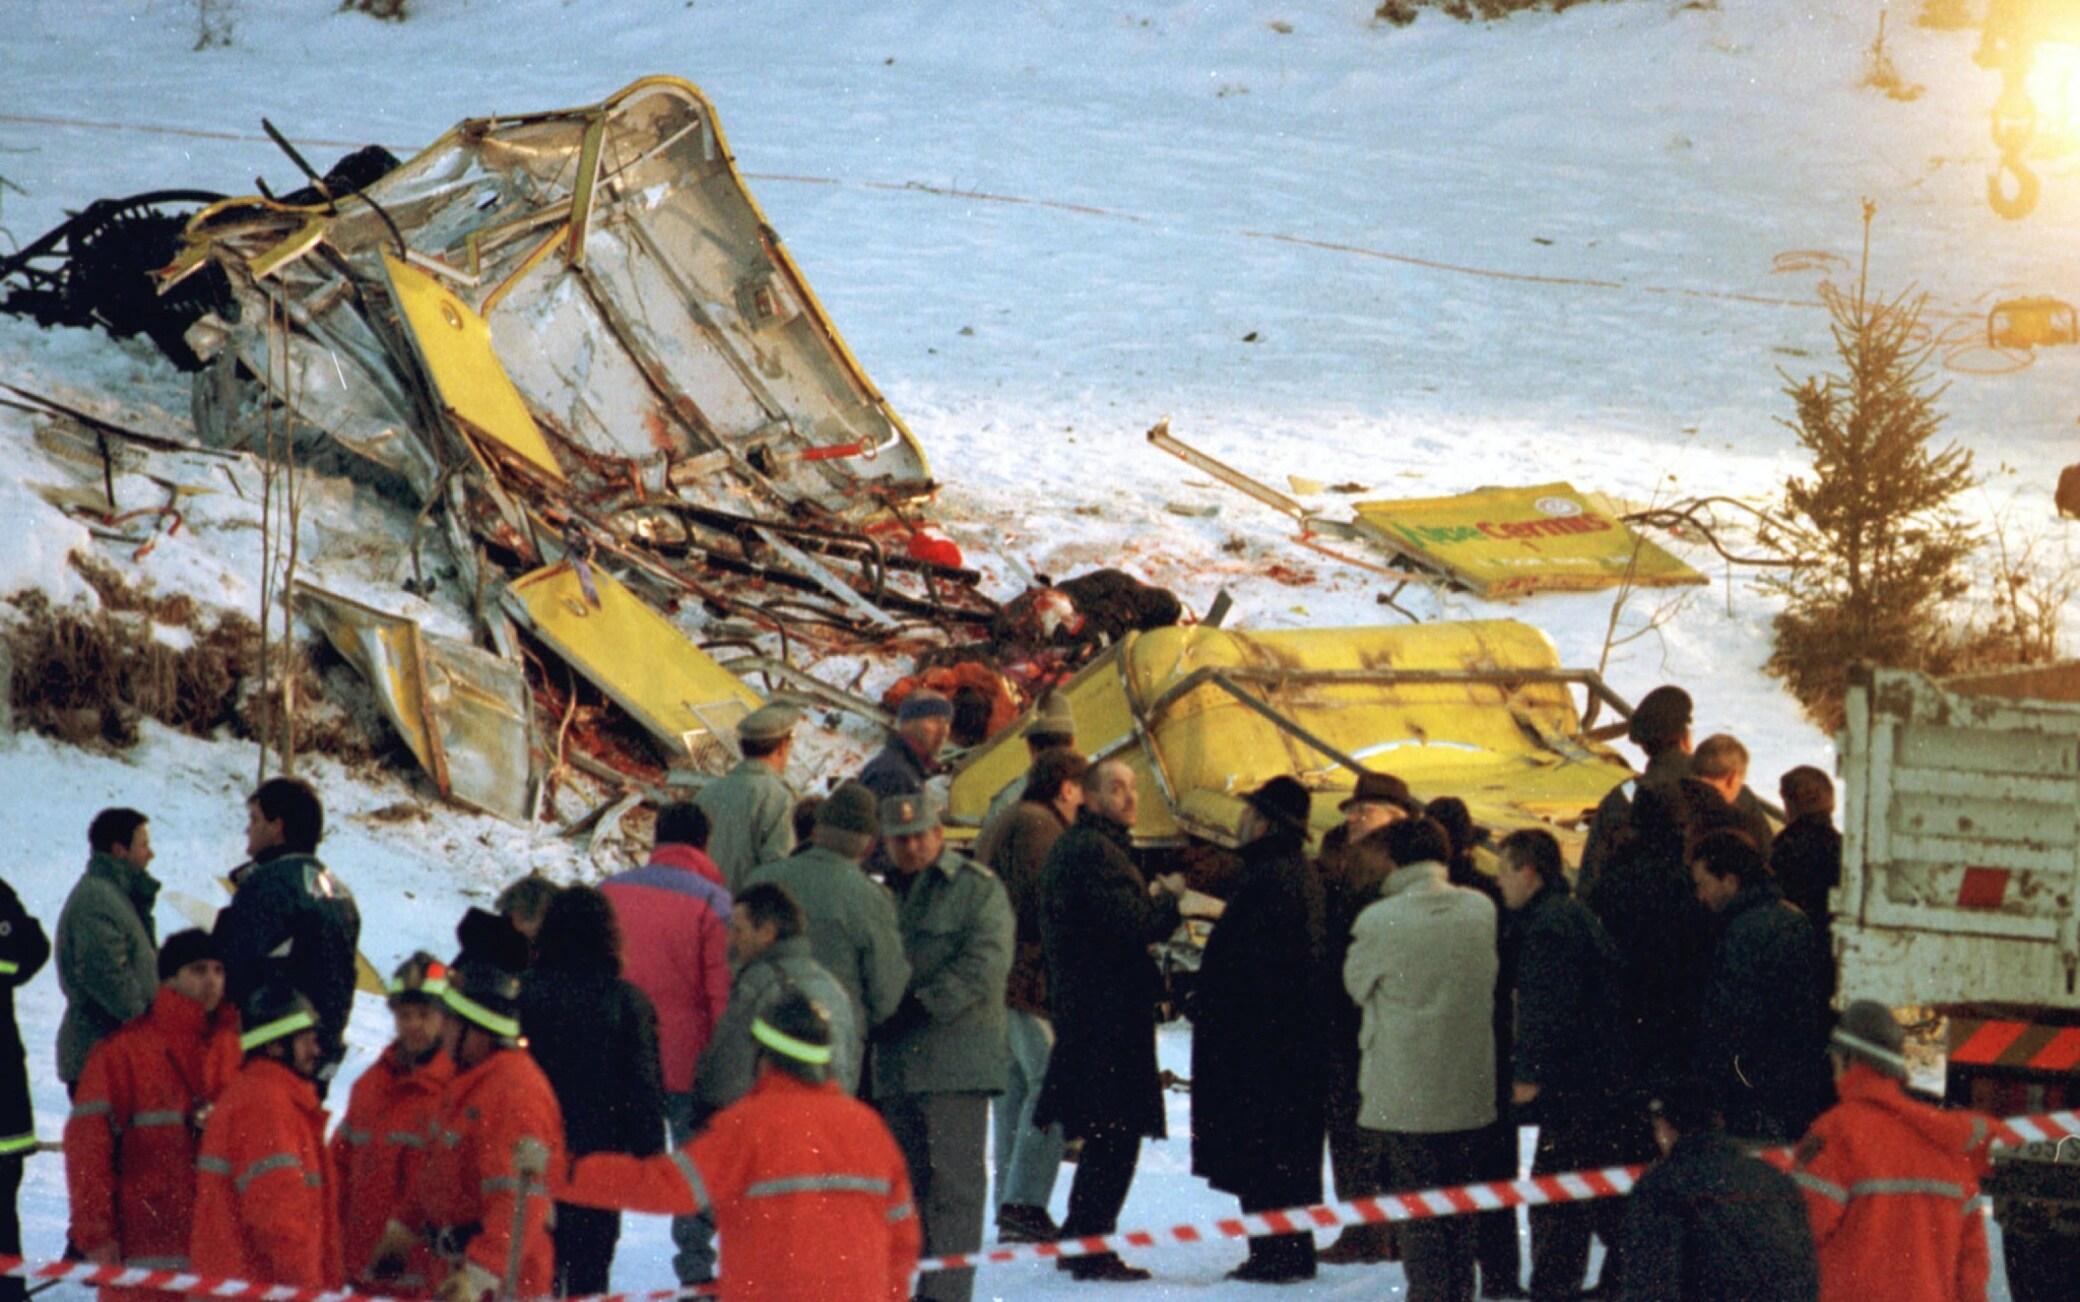 L'incidente alla funivia del Cermis del 1998